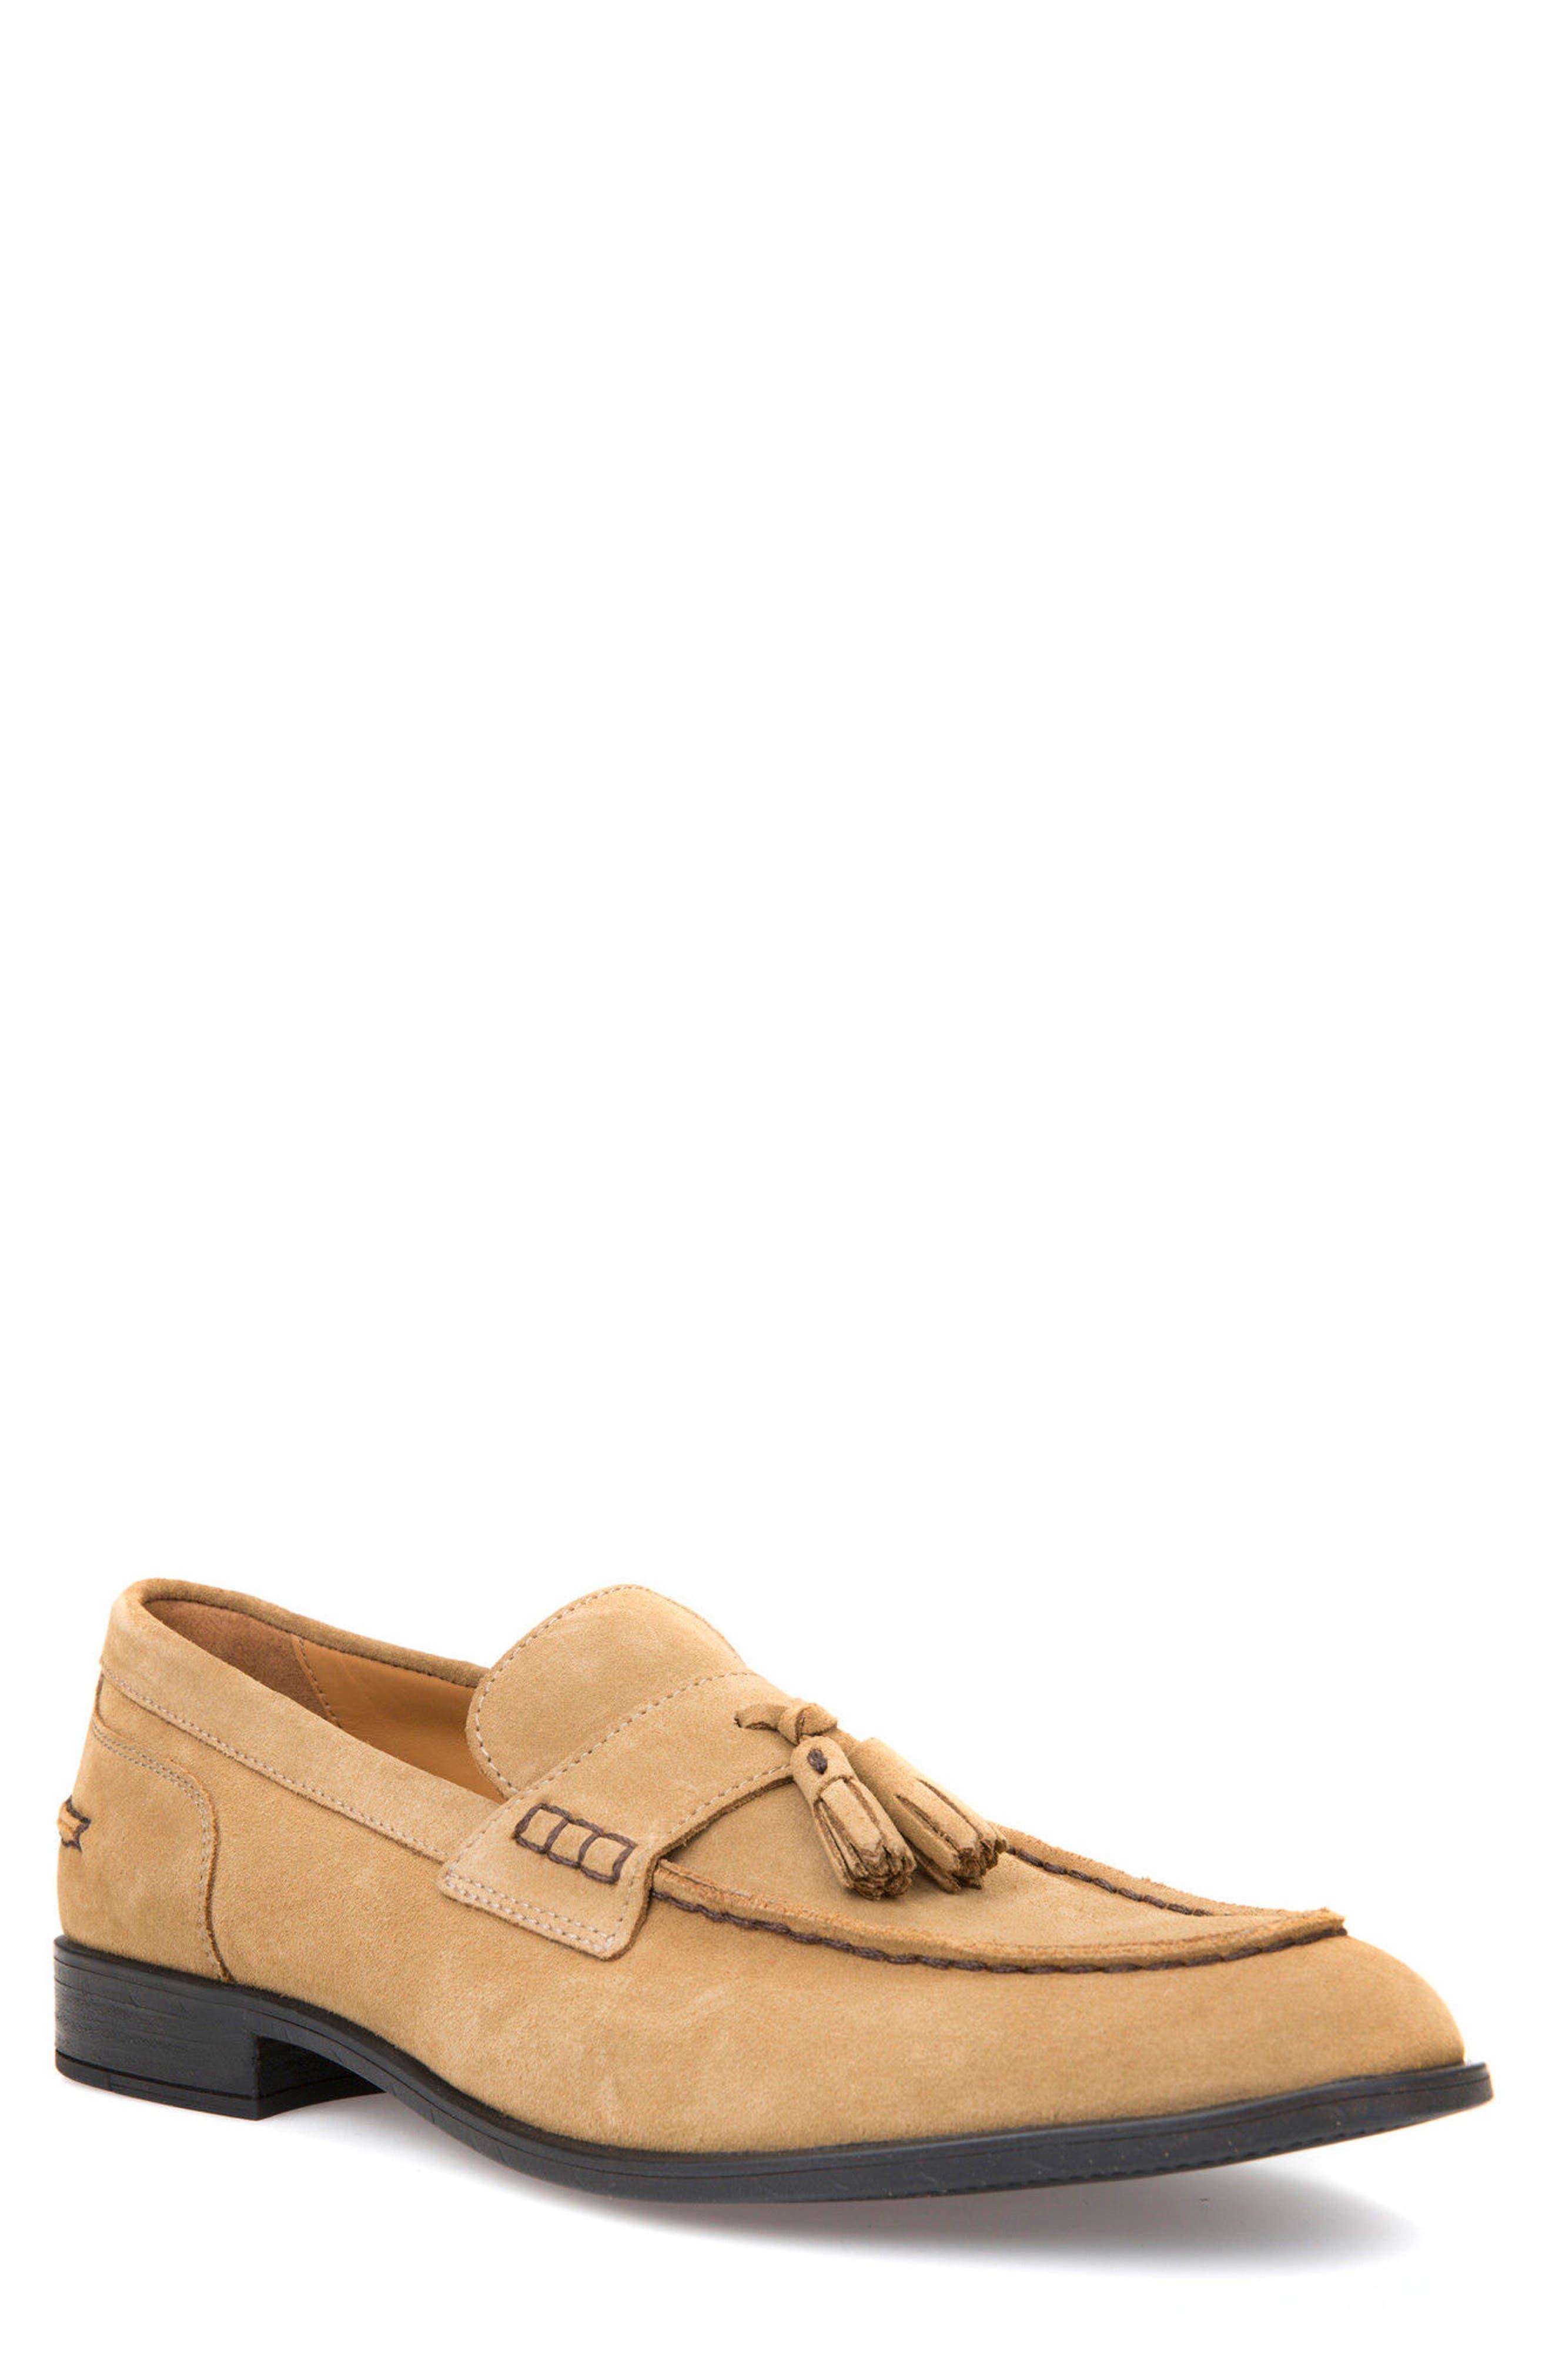 Bryceton 1 Tassel Loafer,                         Main,                         color, 206